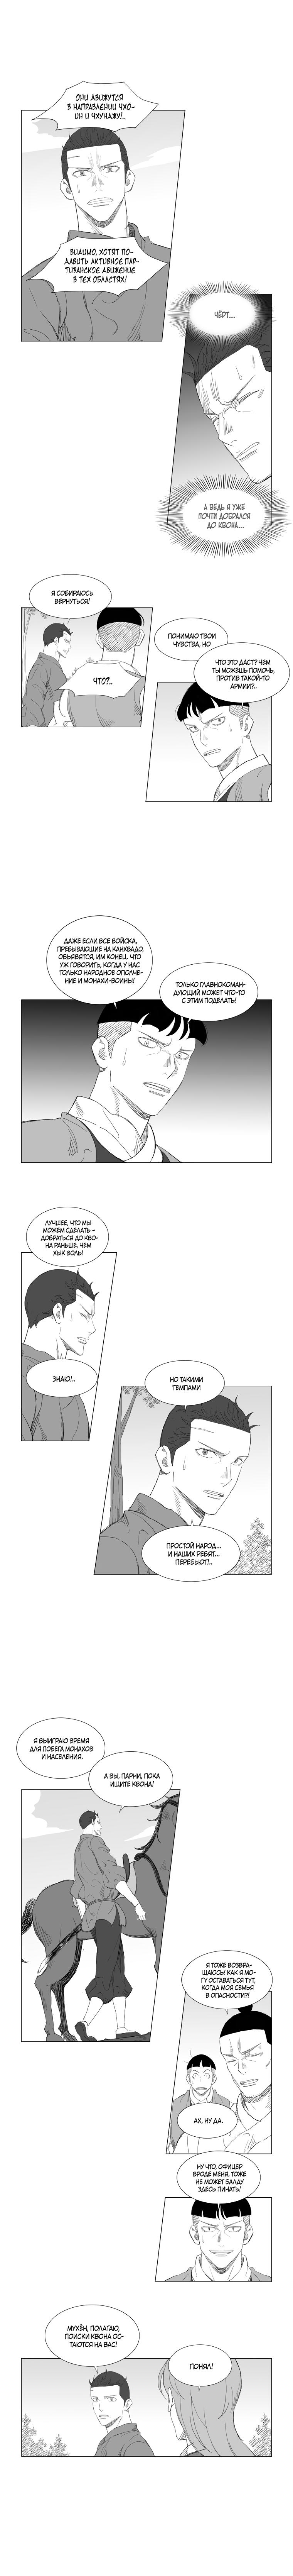 https://r1.ninemanga.com/comics/pic3/39/28263/1323035/1552582850987.png Page 4